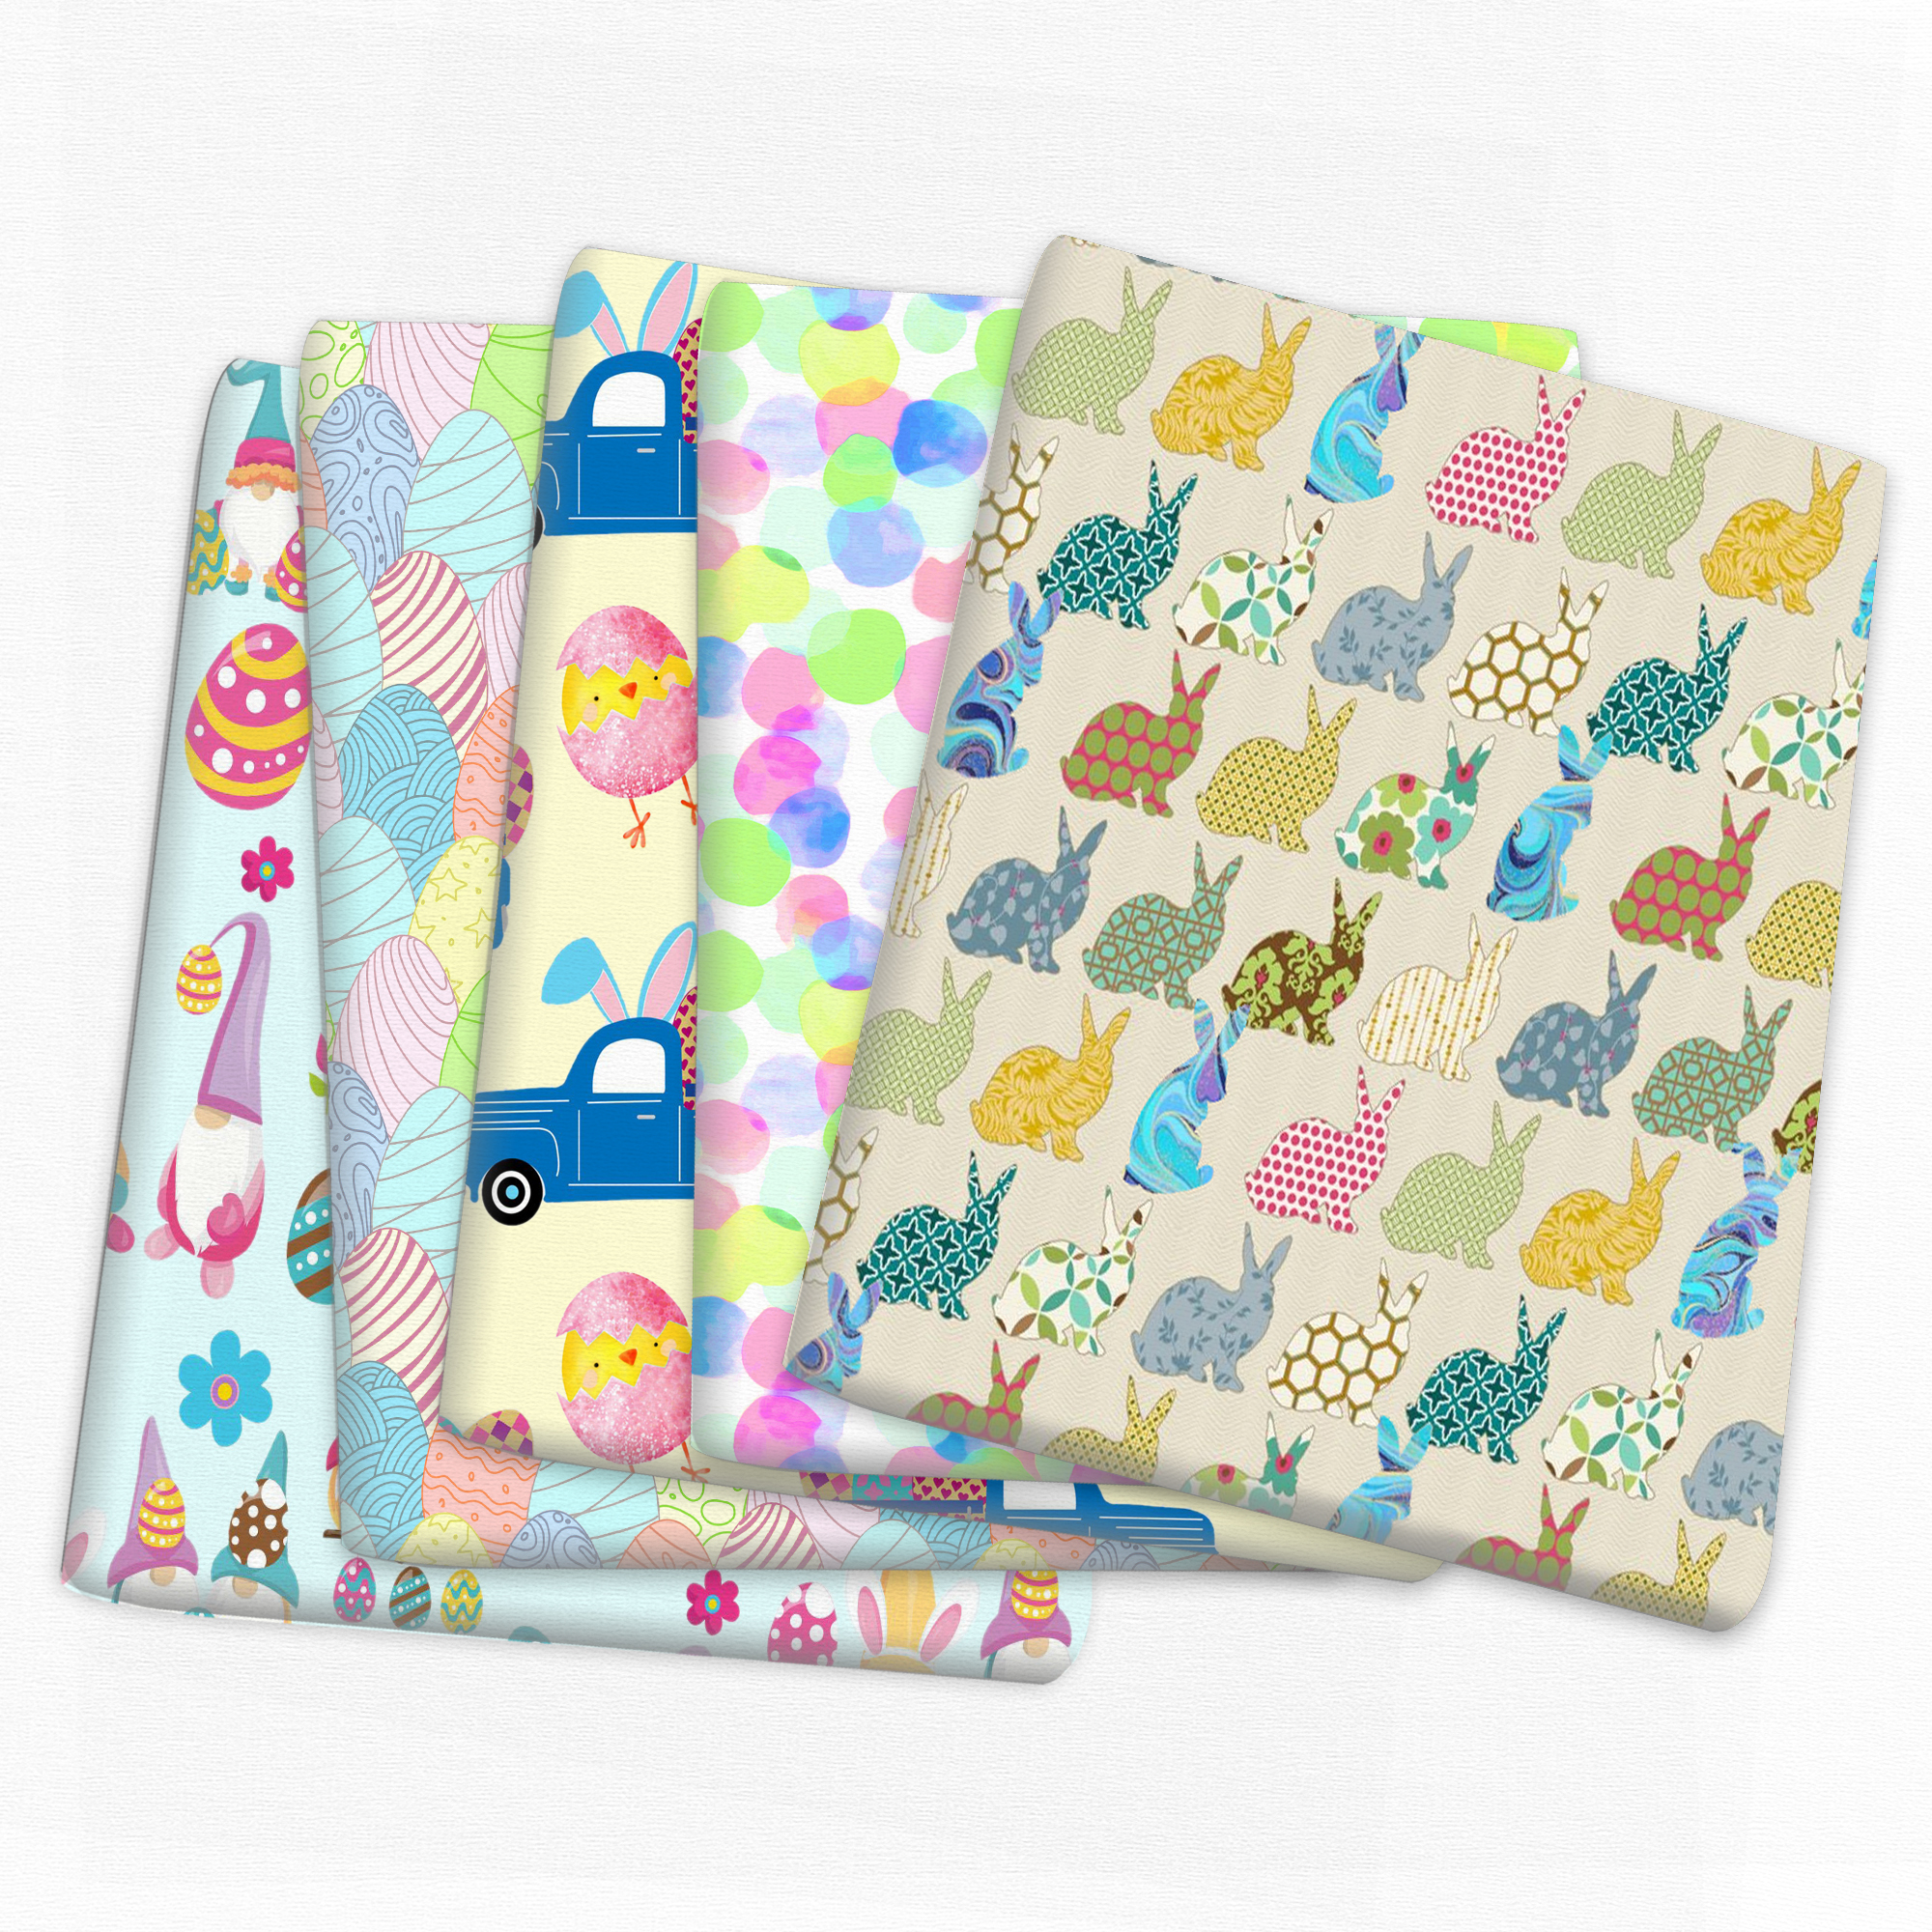 Пасхальная ткань в виде яйца кролика 50x145 см для тканей, детский домашний текстиль, ткань в стиле пэчворк, ткань «сделай сам» для шитья, шторы ...